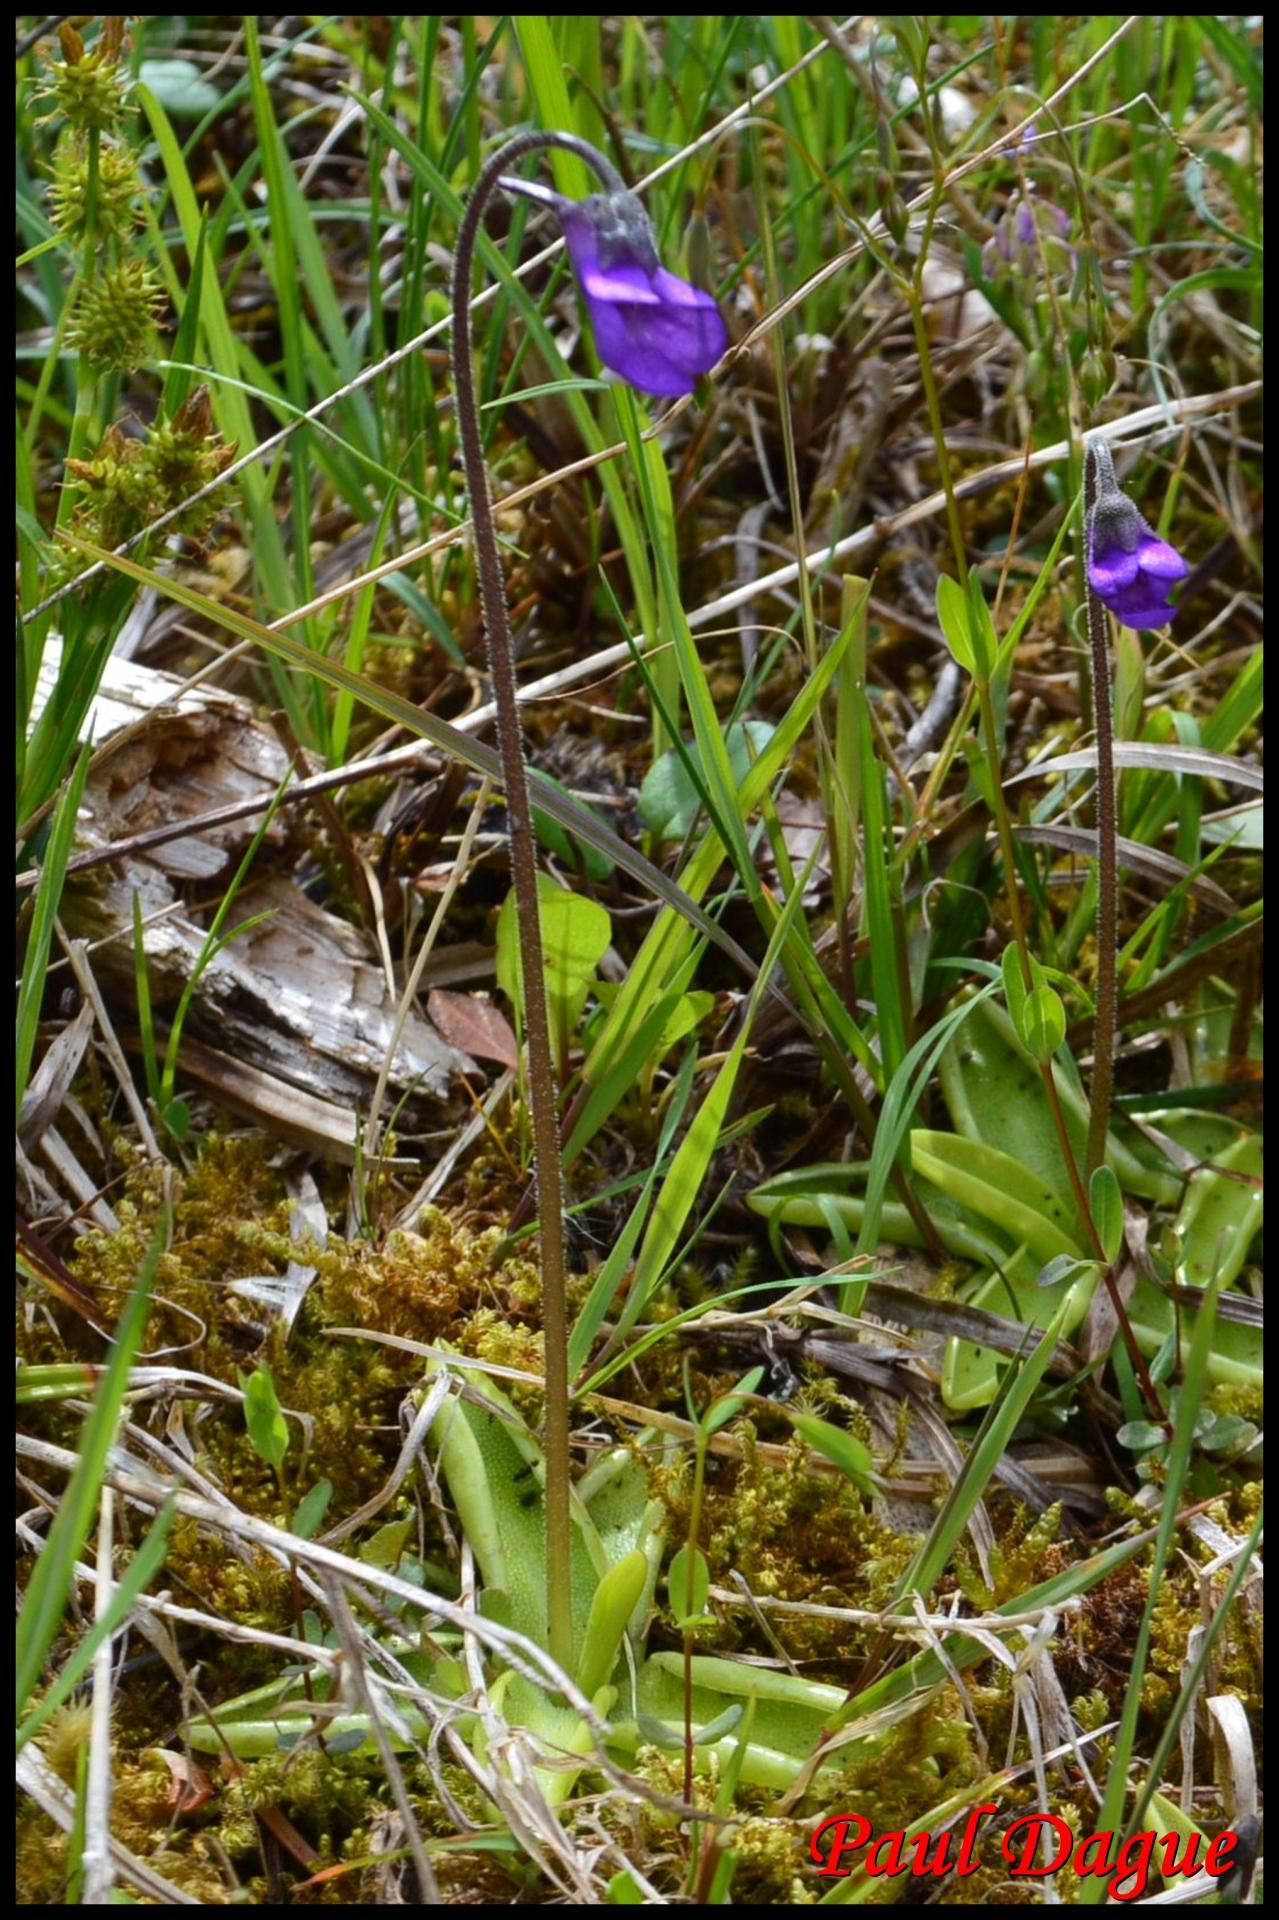 356 grassette commune pinguicula vulgaris lentibulariaceae 3 resultat